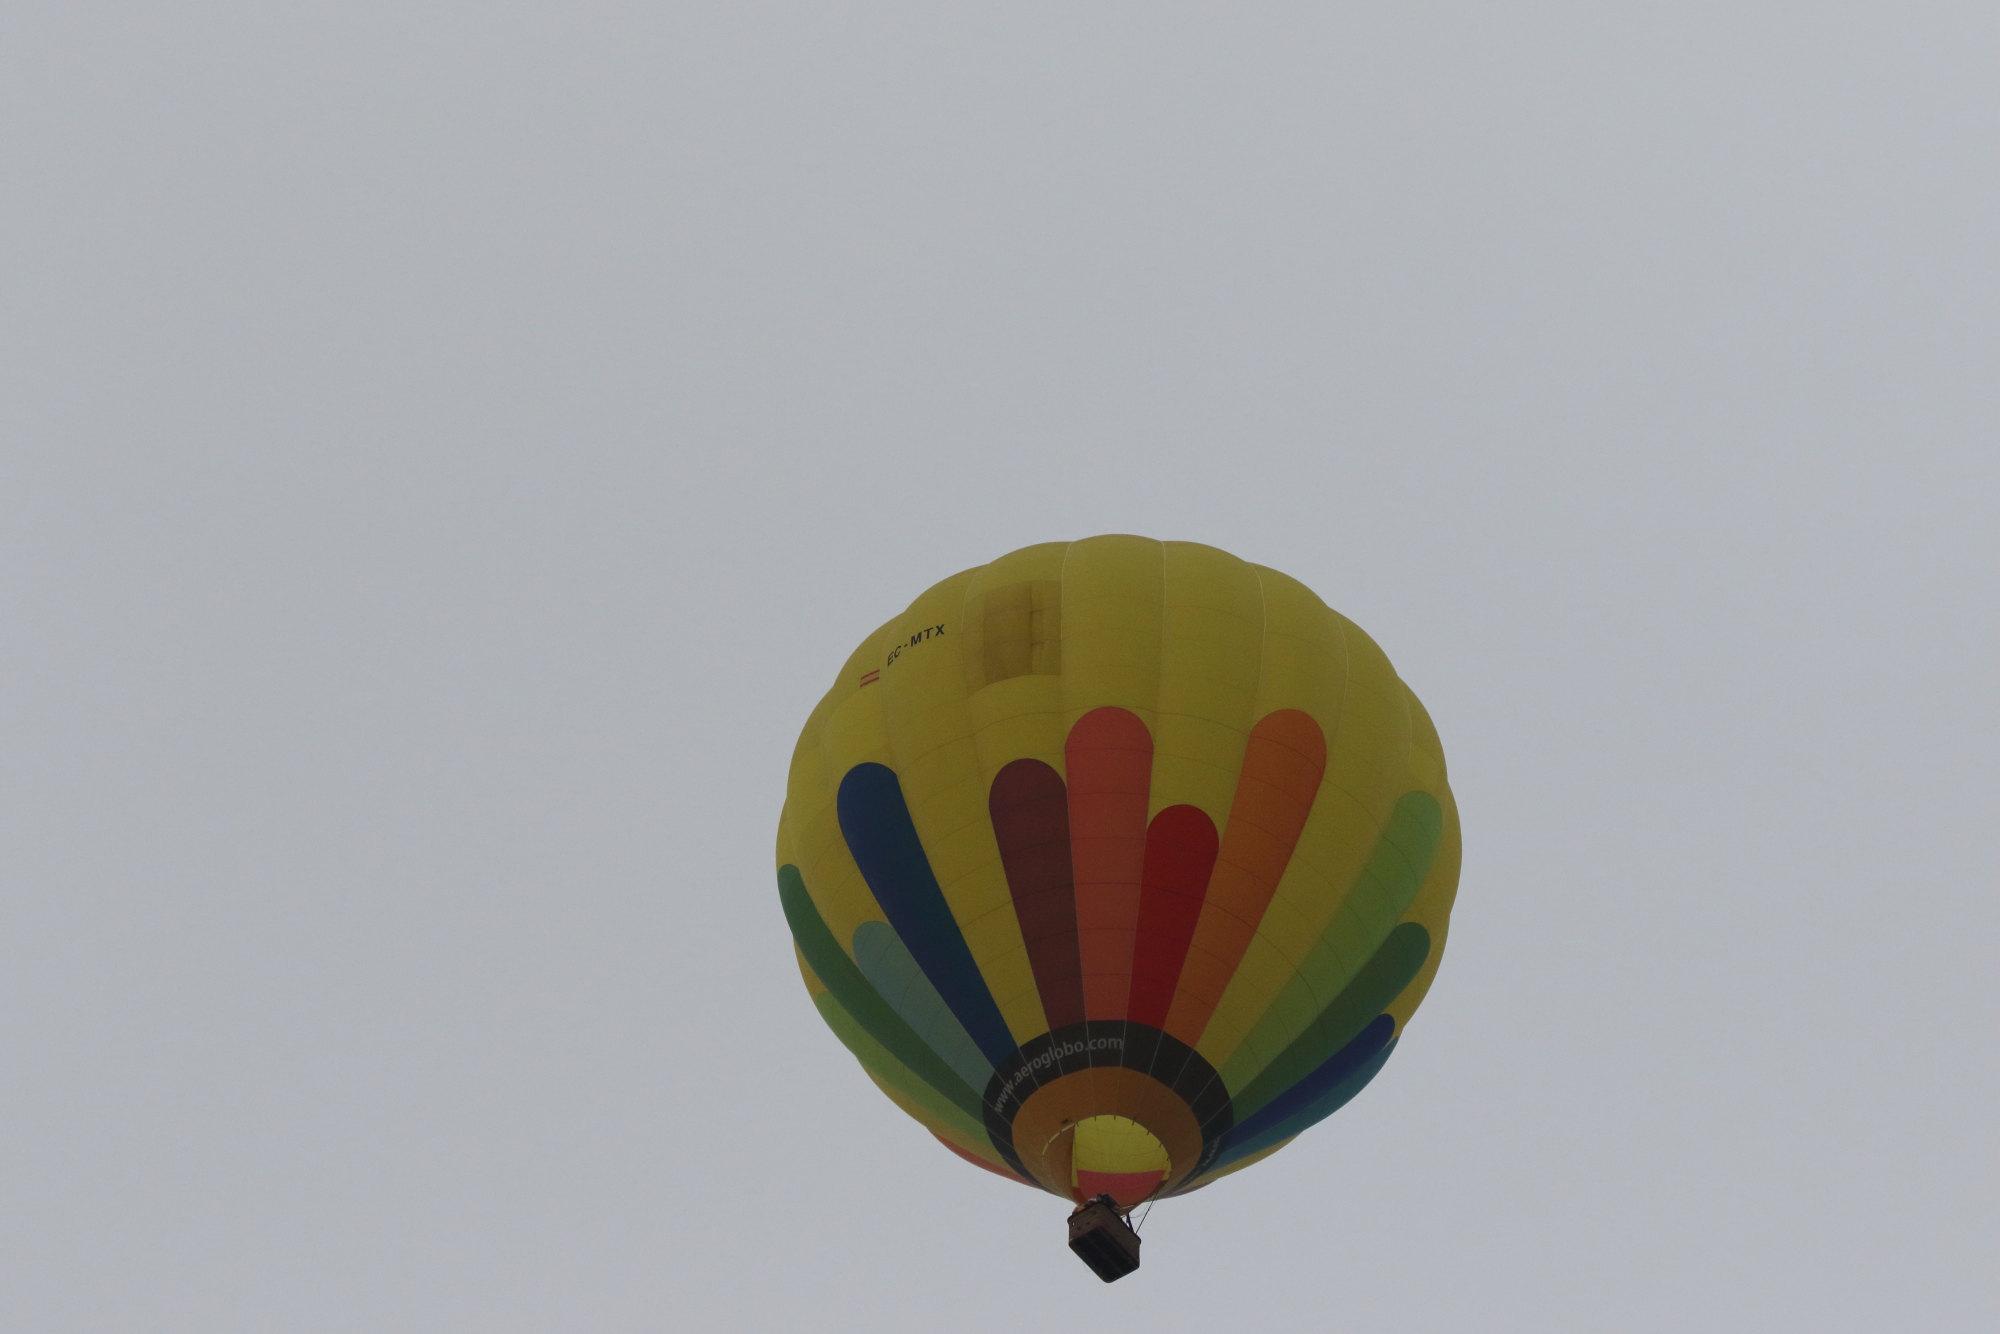 Globo aerostático sobrevolando El Hondo (S. Arroyo)